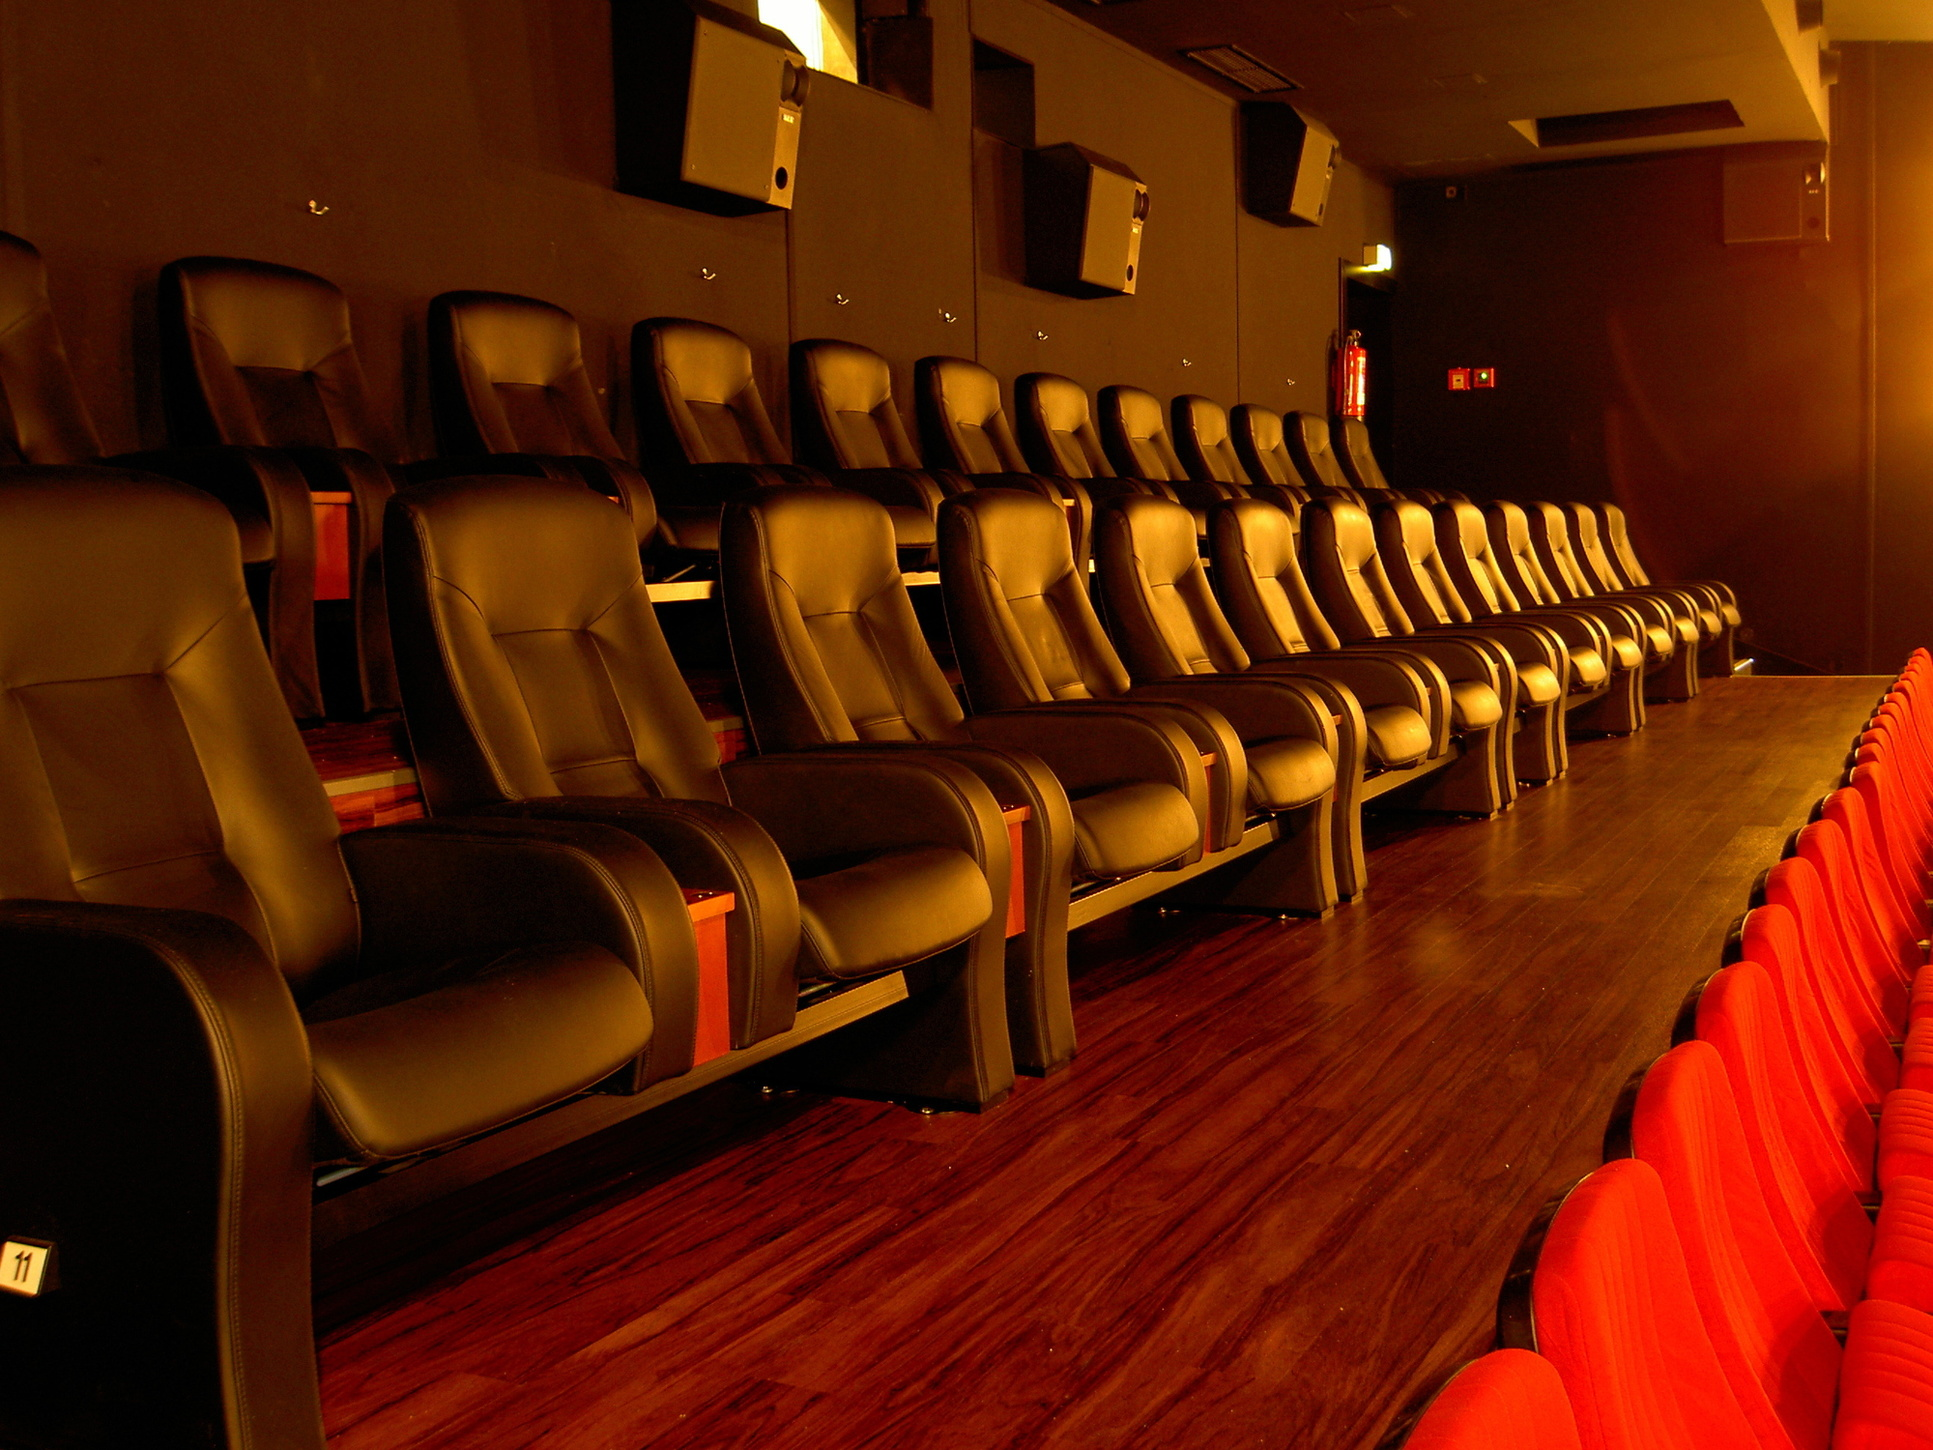 Kino bretten